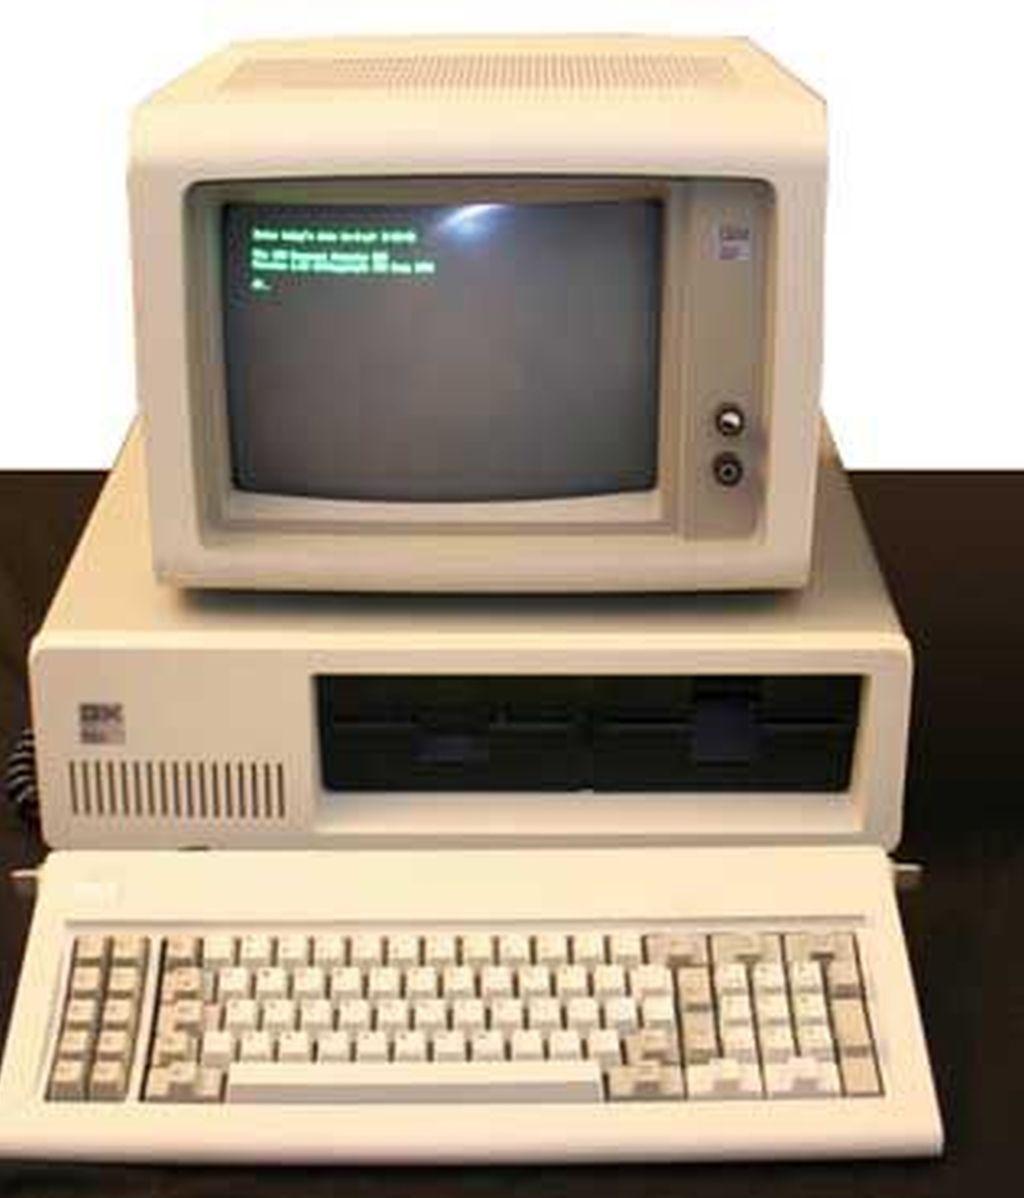 Los ordenadores personales, un invento de IBM que llegó tarde al mercado y con errores que le hicieron retrasarse en el sector tecnológico.